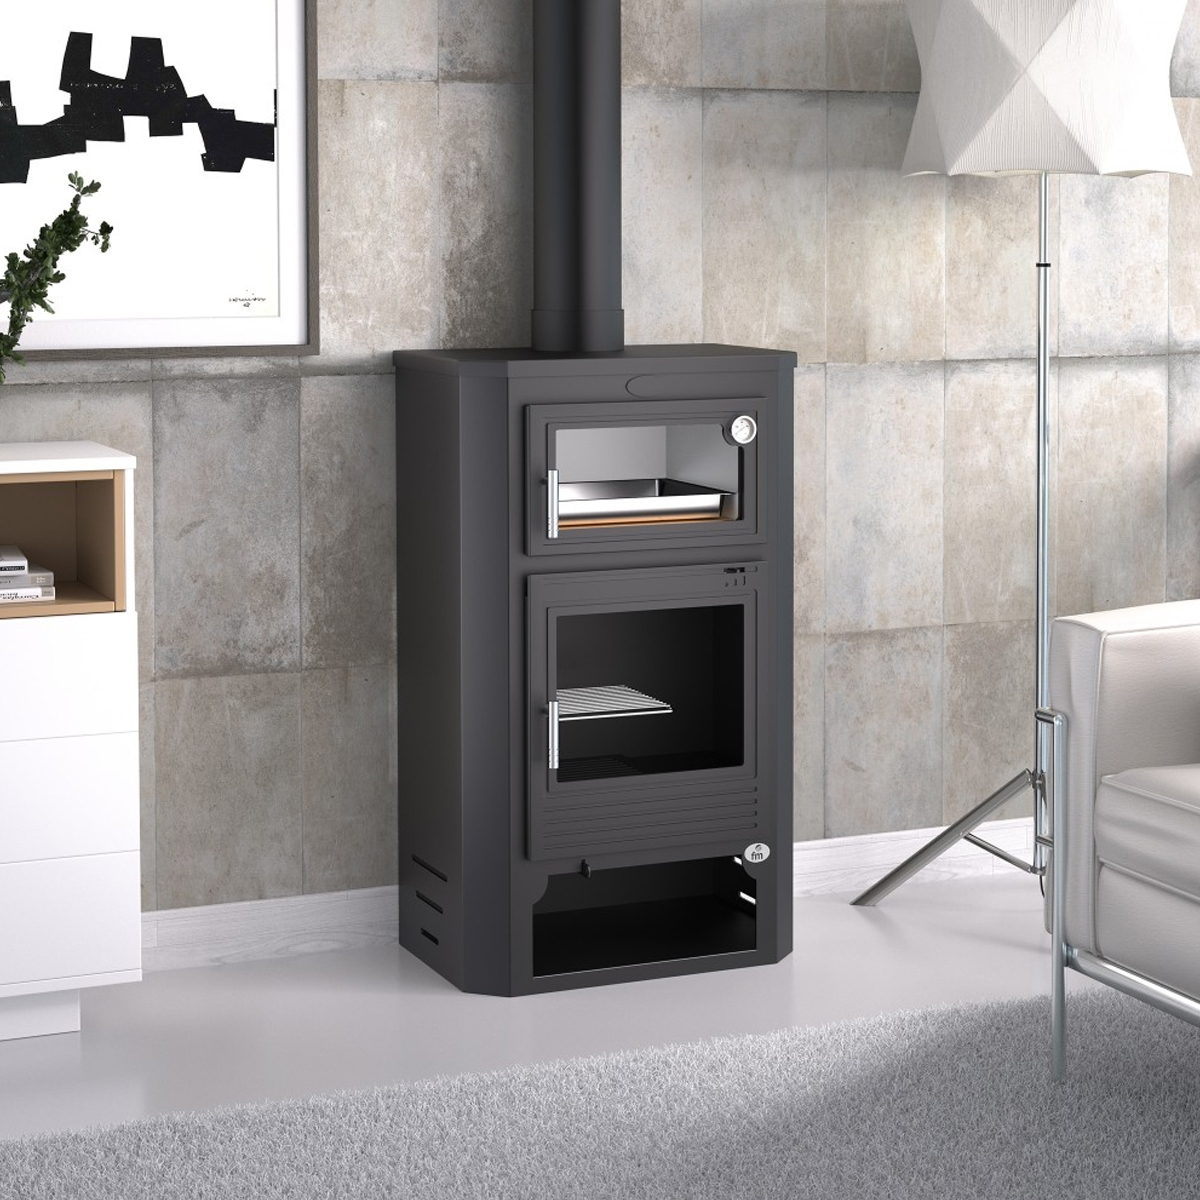 Estufa de leña con horno M-104 + Regalo directo